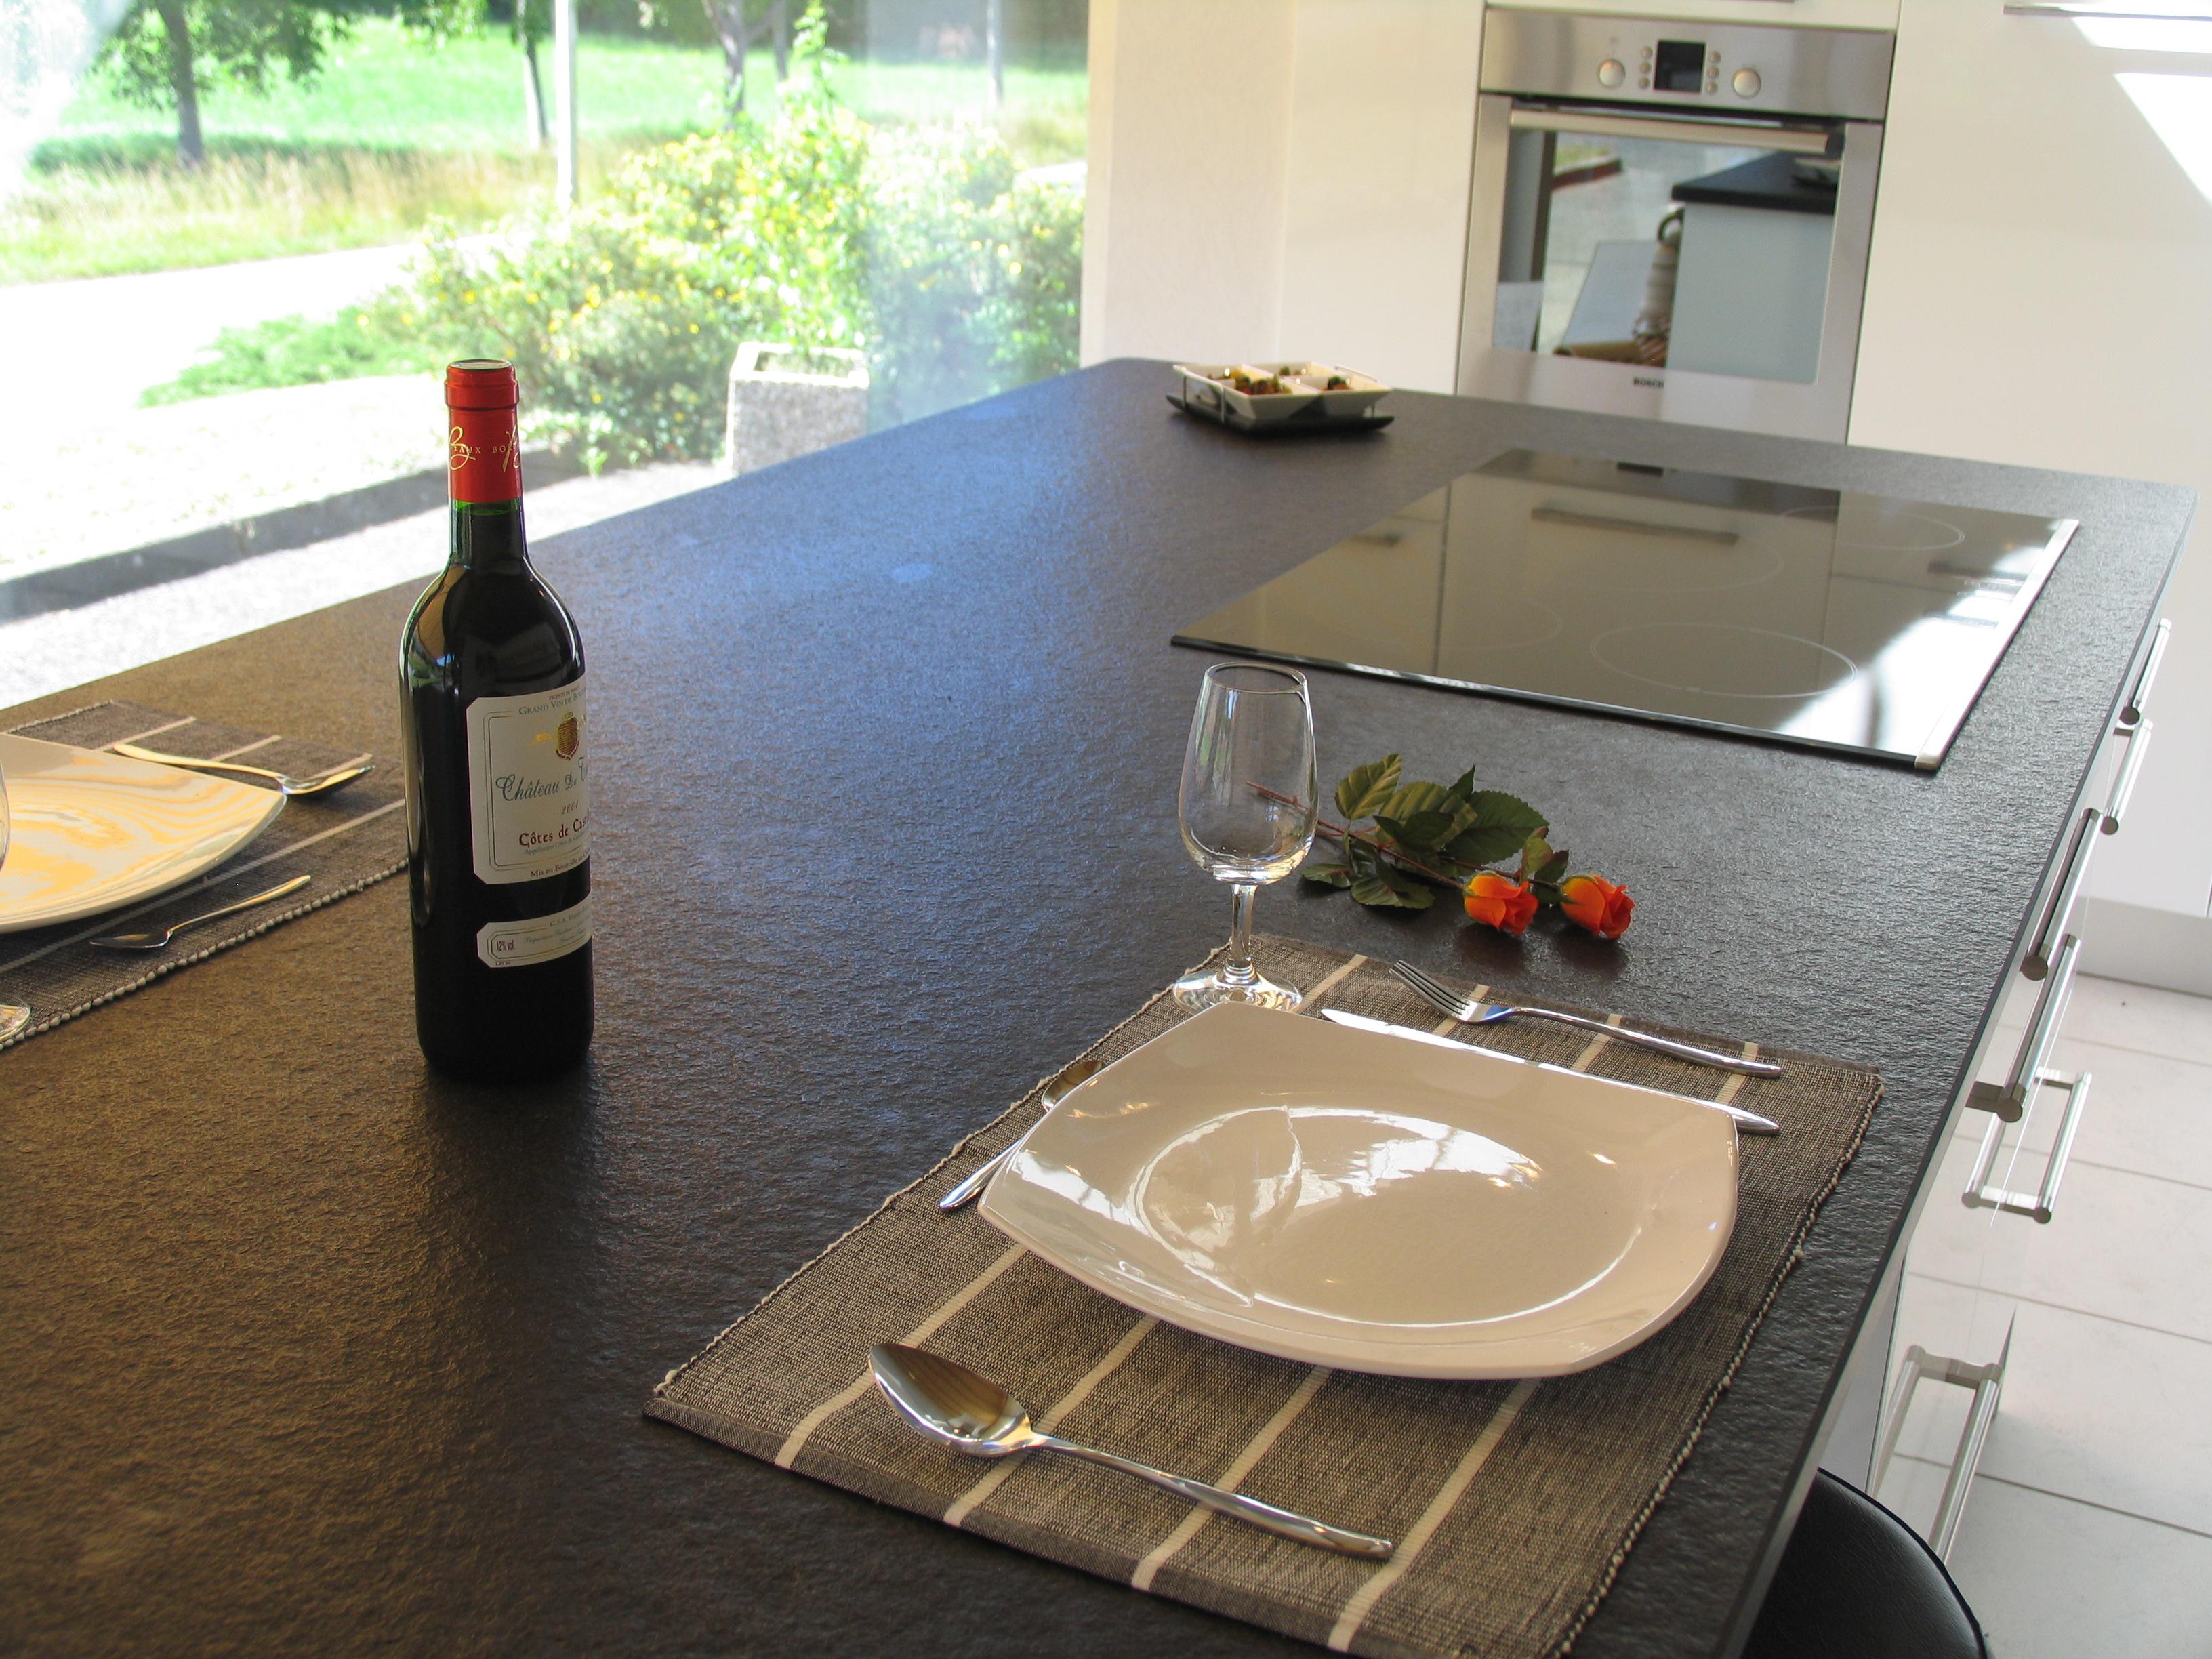 plan de cuisine granit rixheim, habsheim, bruebach, zimmersheim, landser